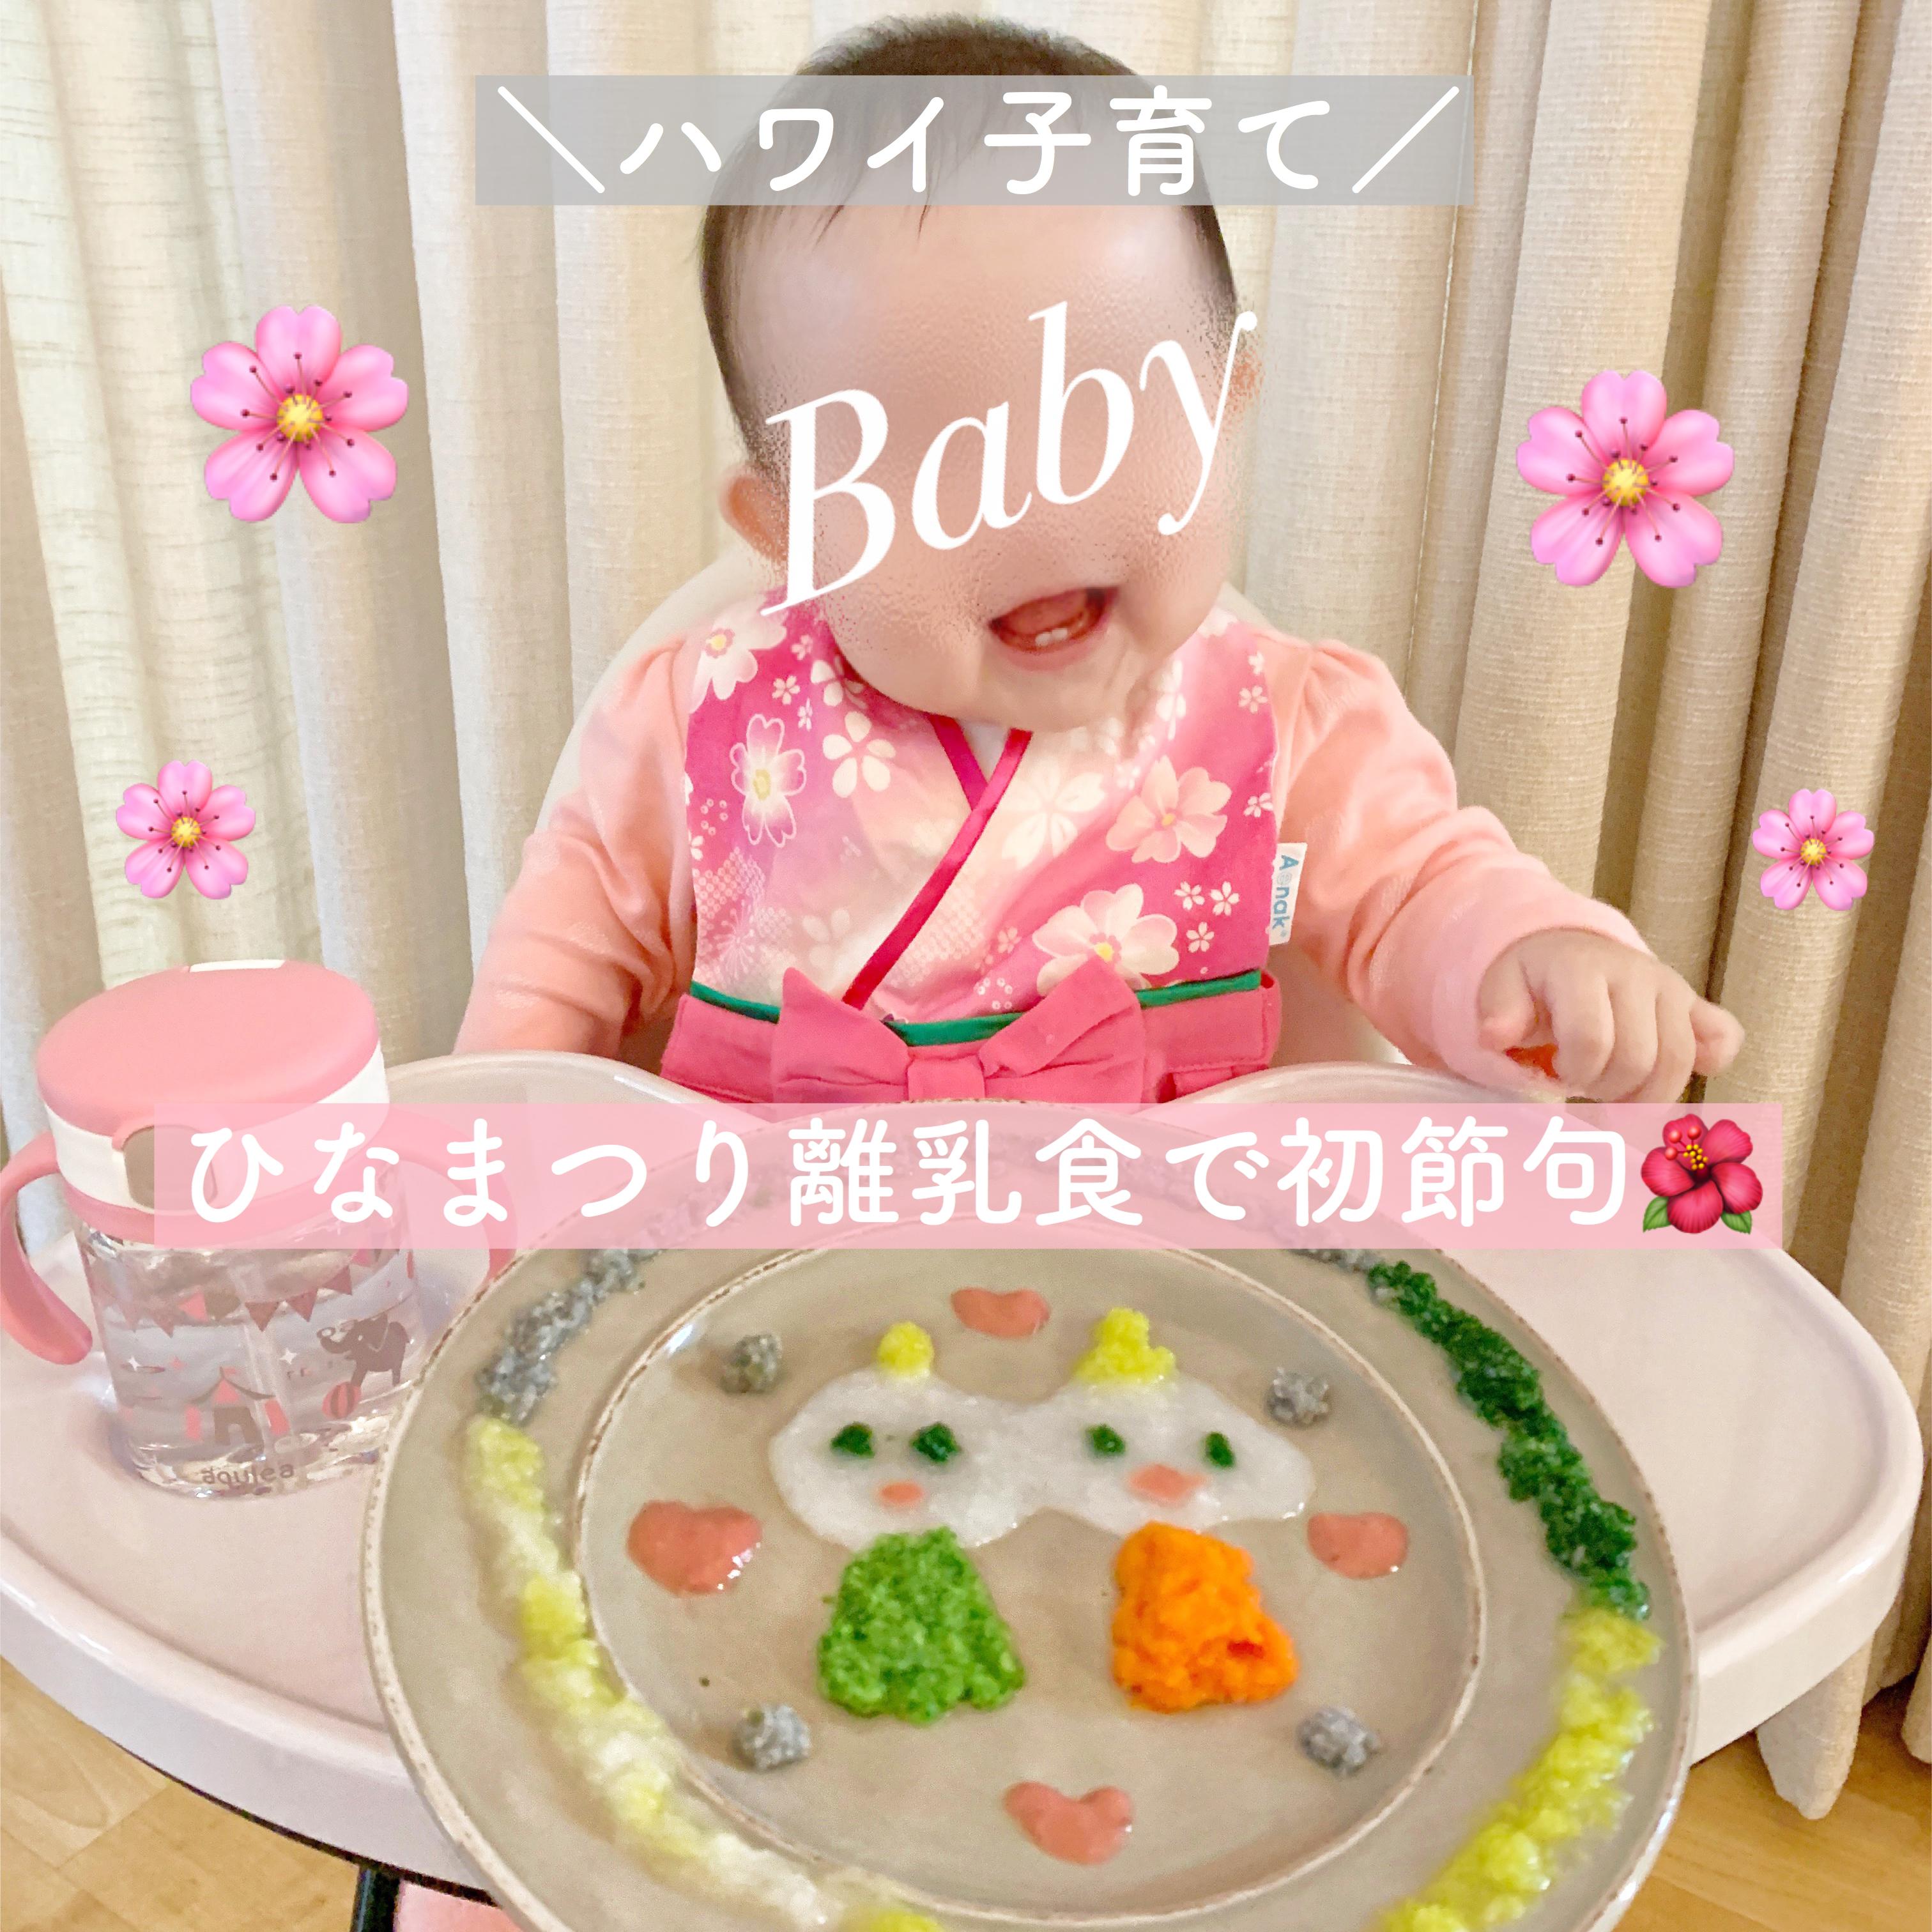 【ハワイ子育て】ひな祭り離乳食&ちらし寿司で初節句 生後7ヶ月